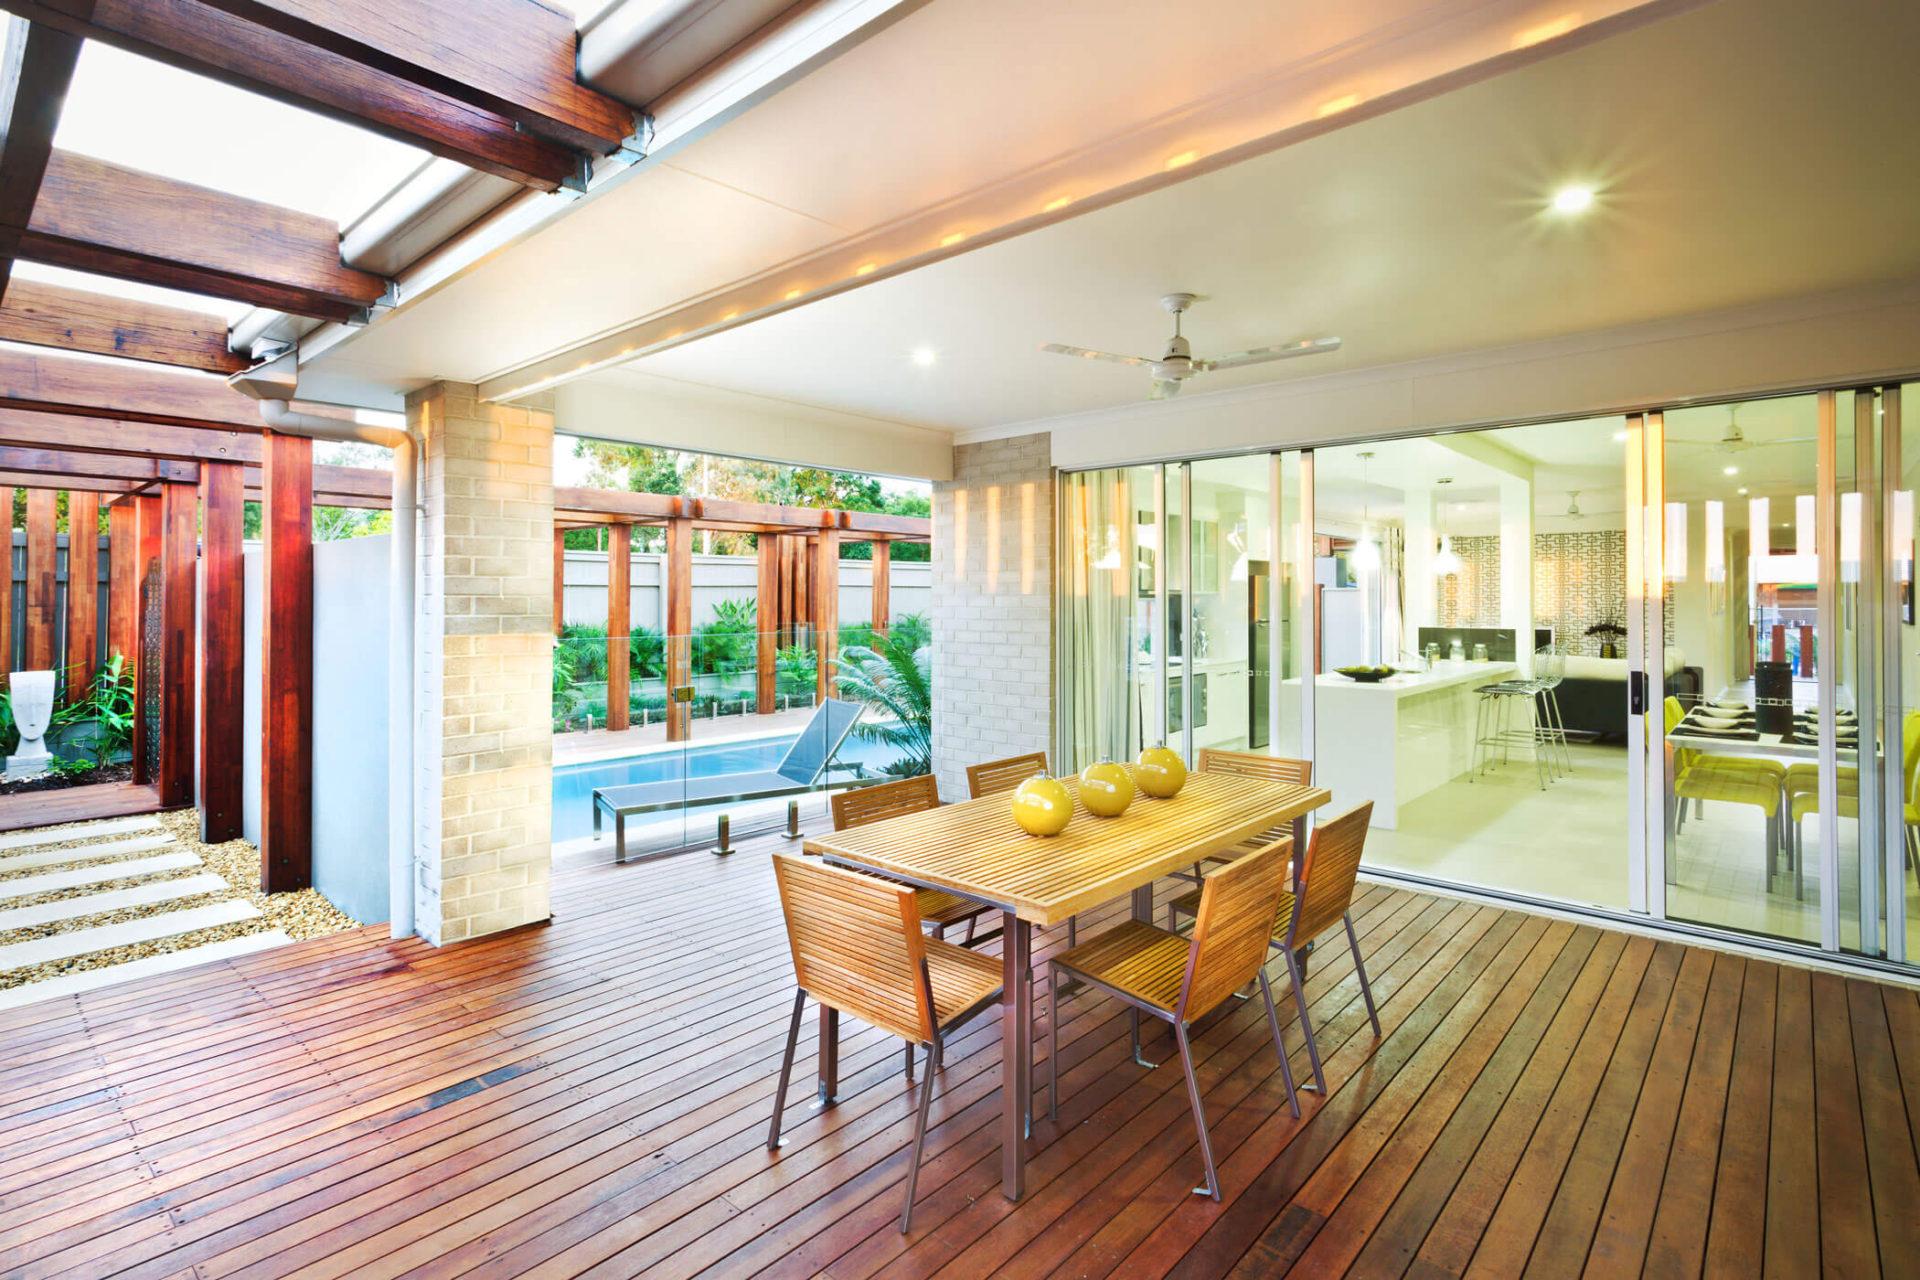 timber-floor-outdoor-area-1920x1280